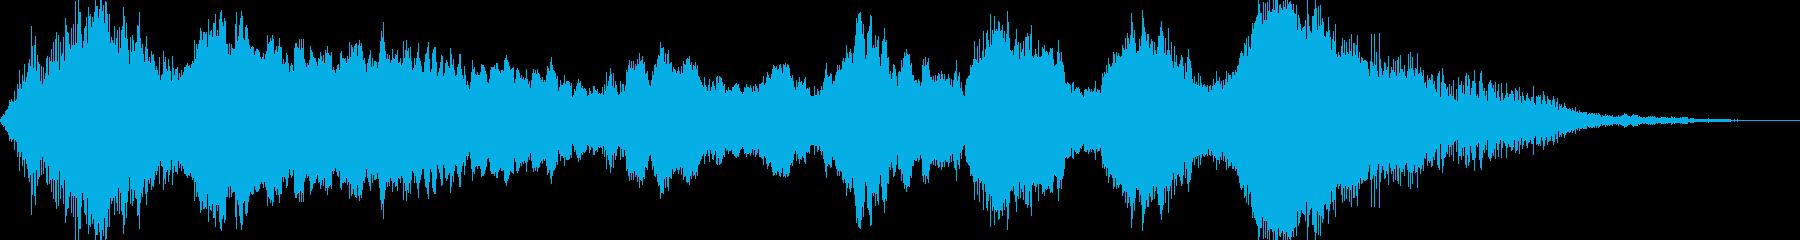 怪しくミステリアスな不協和音の再生済みの波形